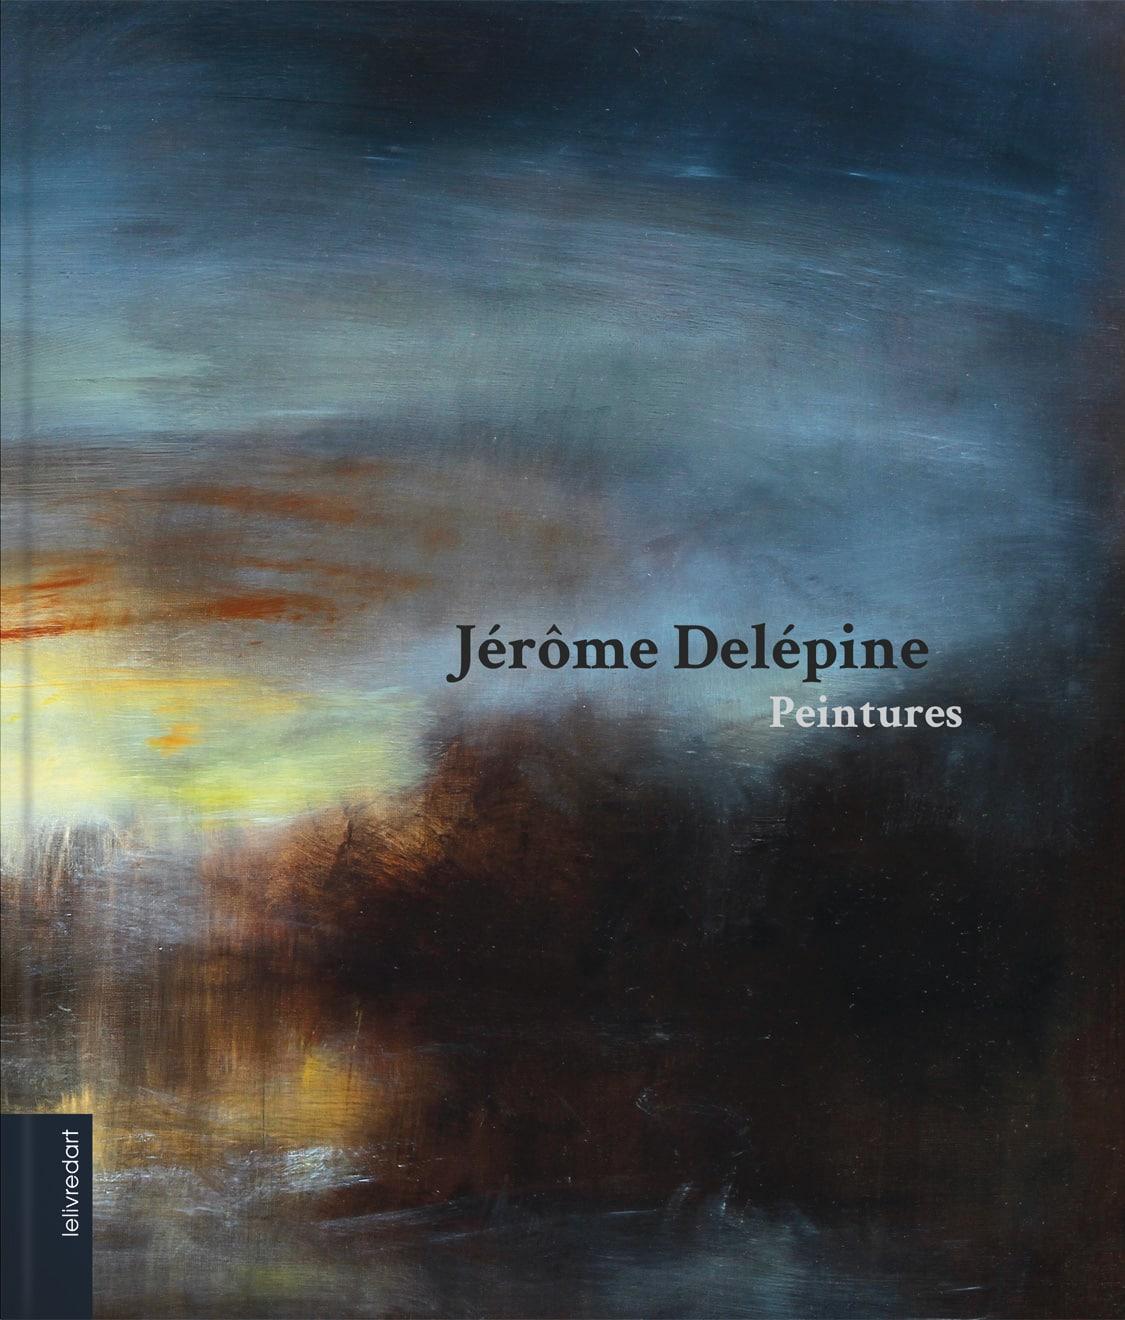 Jérôme Delépine – Peintures